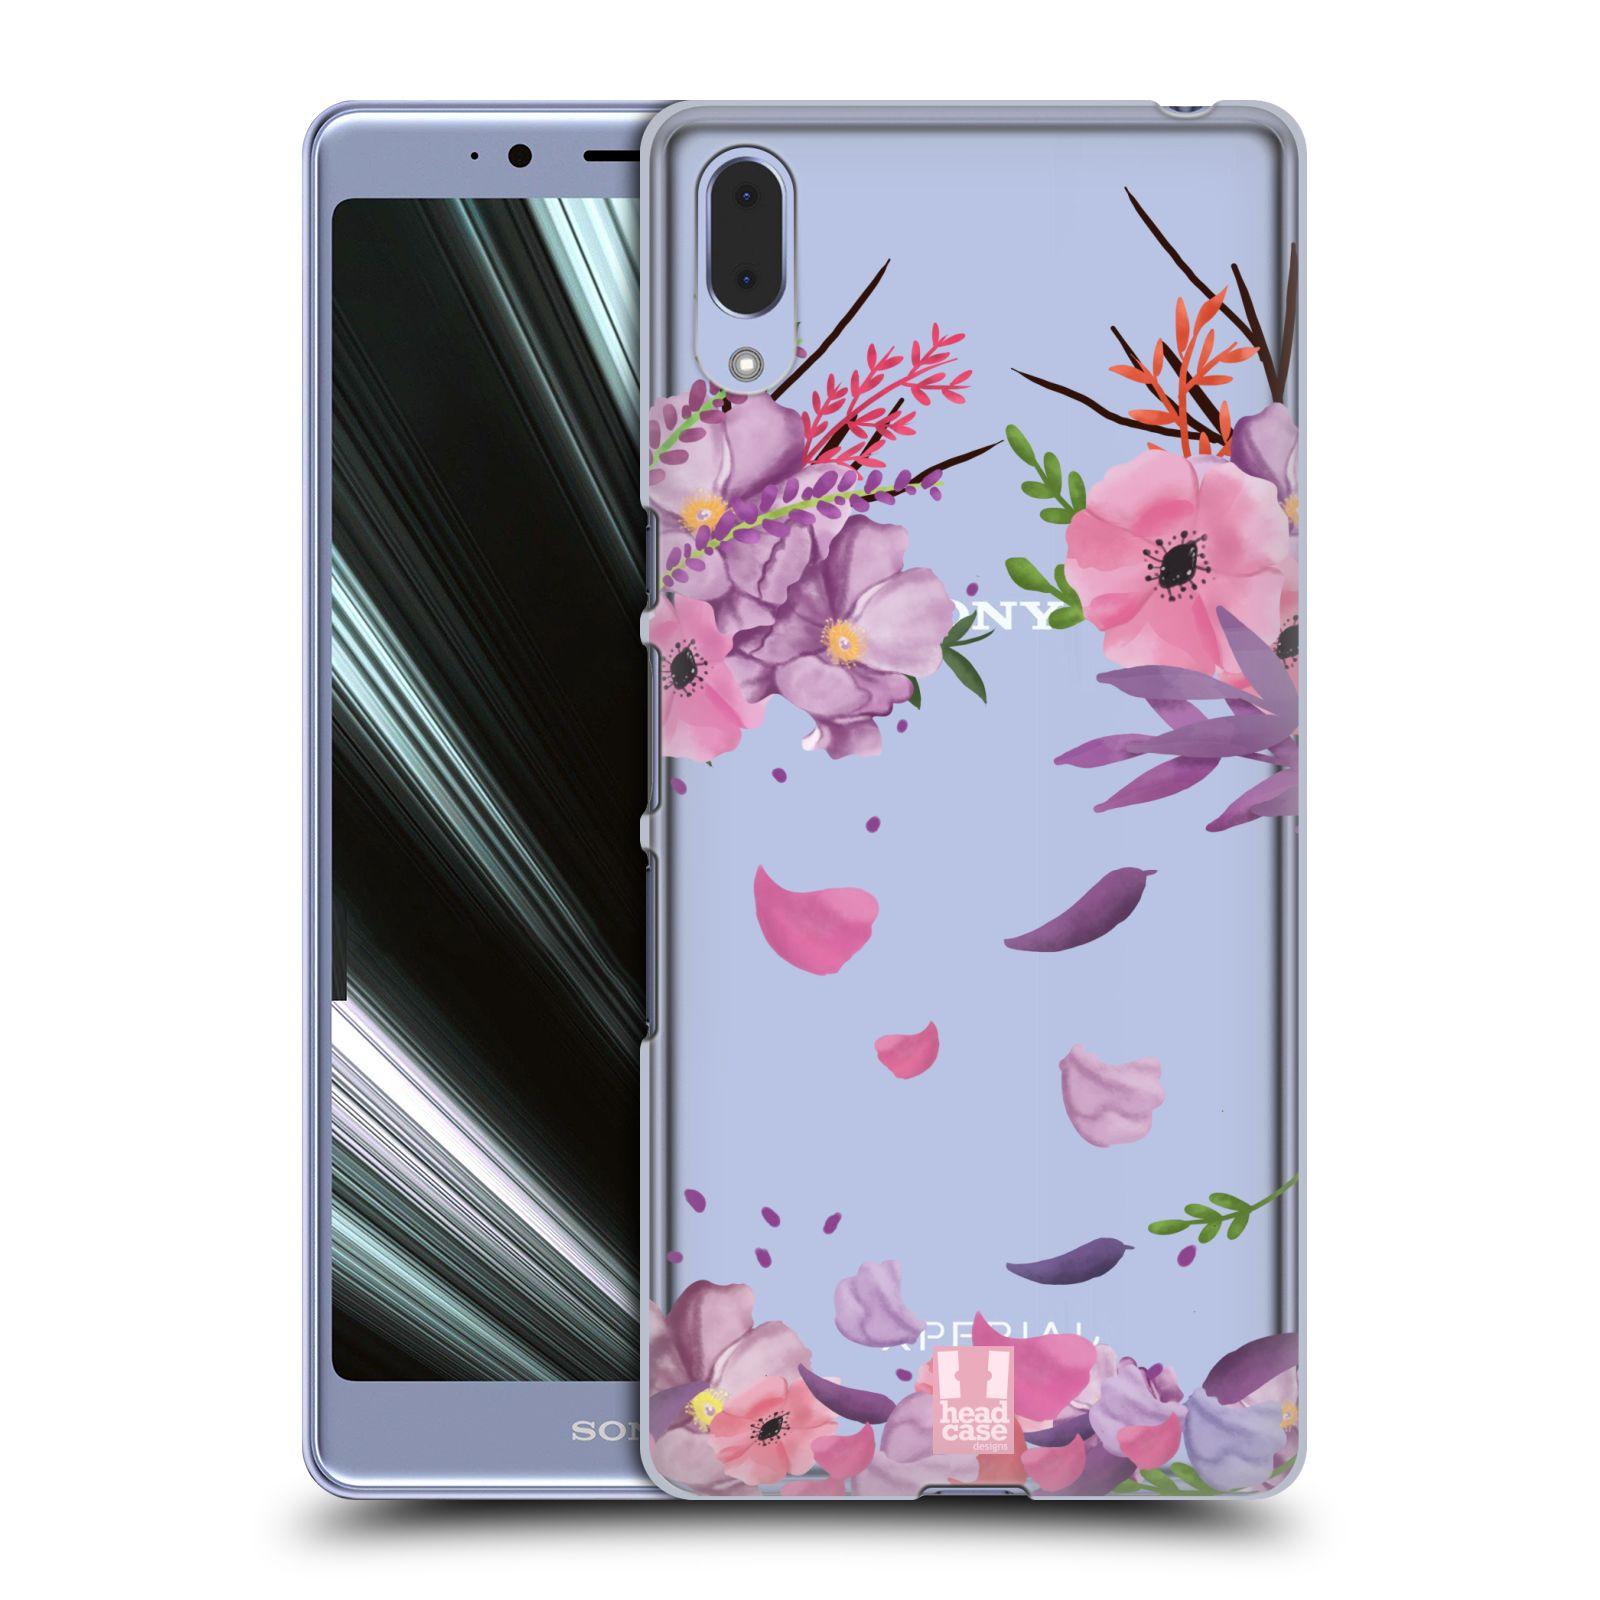 Plastové pouzdro na mobil Sony Xperia L3 - Head Case - Okvětní lístky